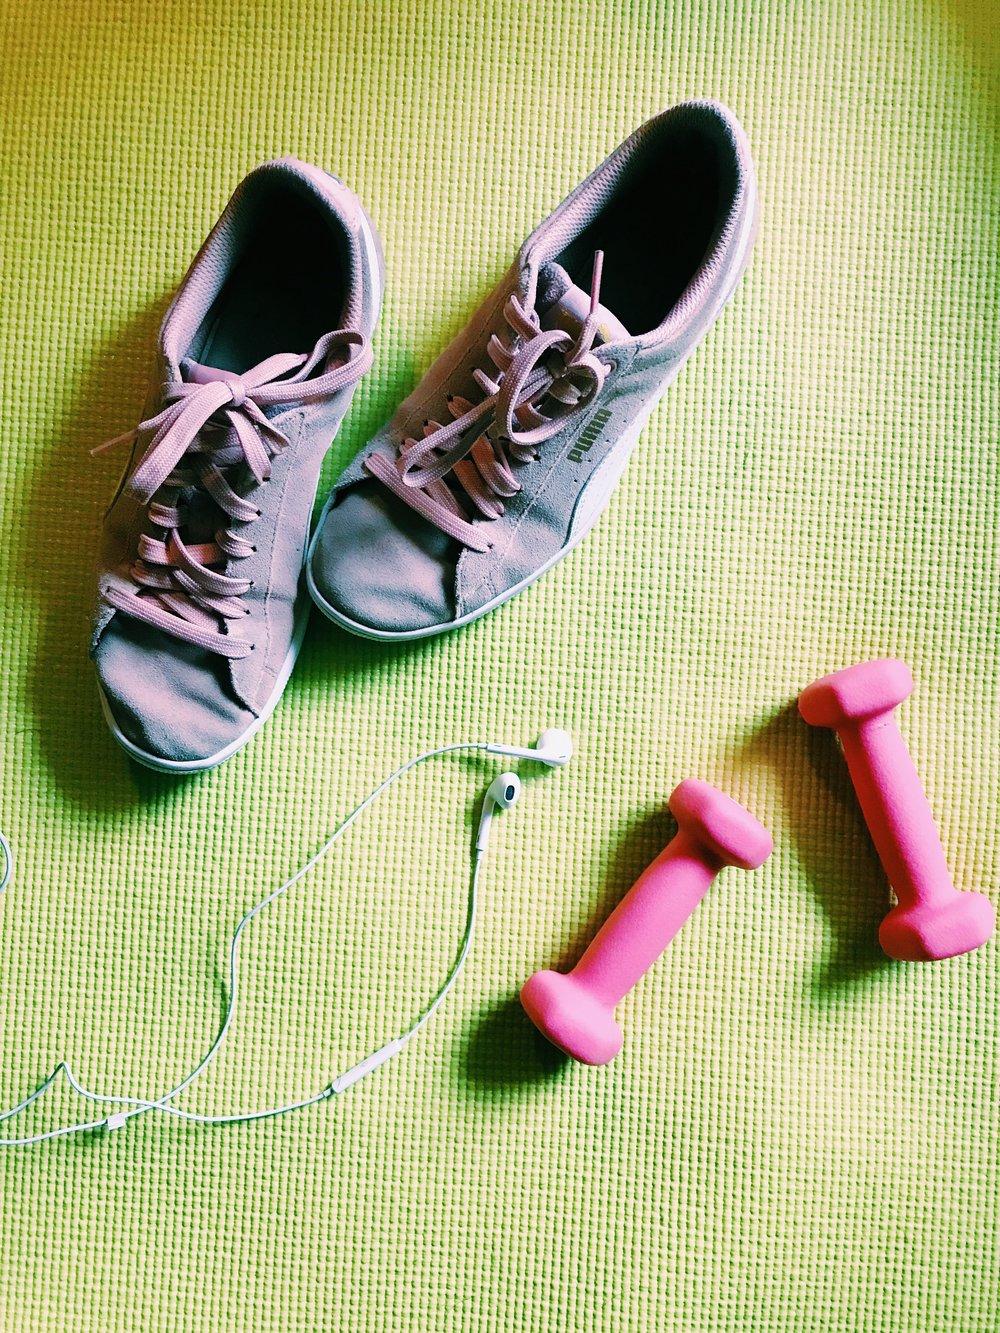 Three Heel Clicks - 2 Months of BBG (7).jpg